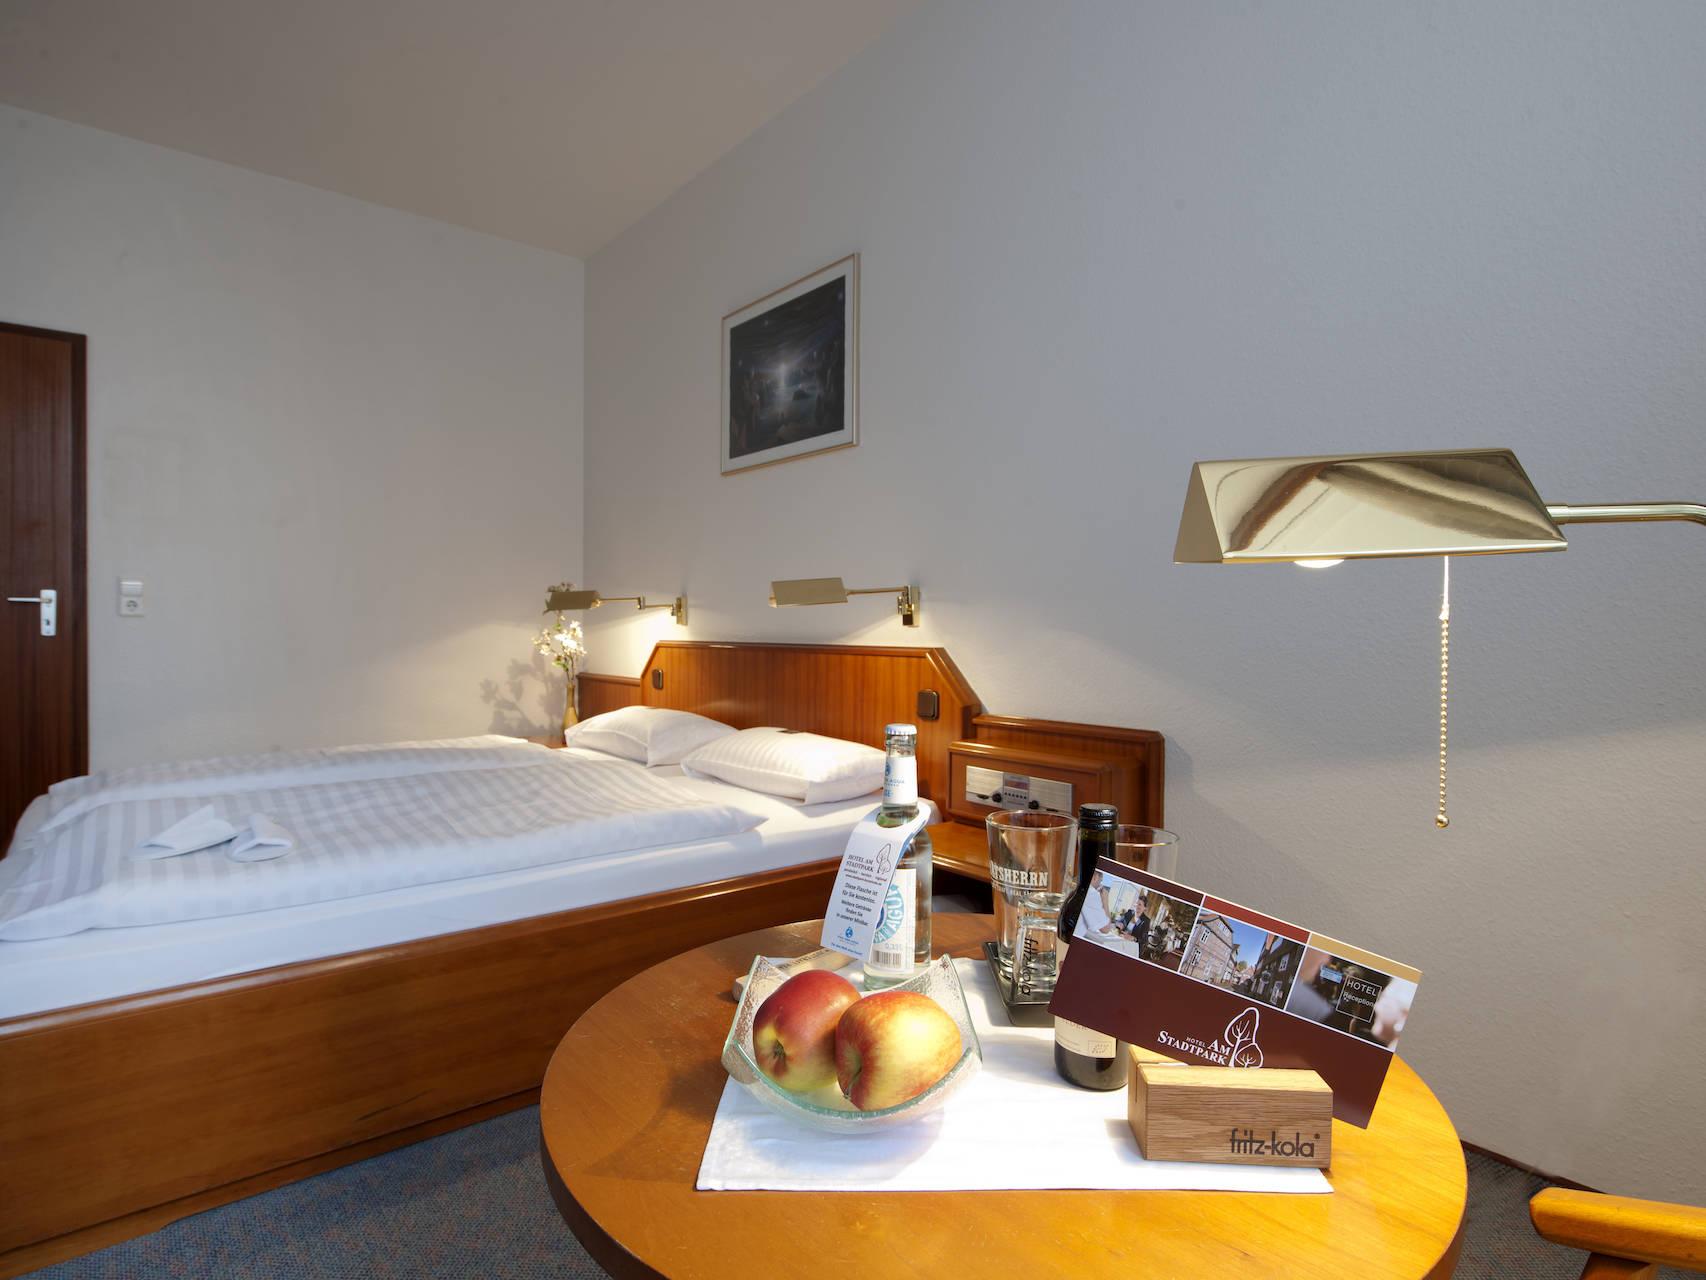 Zimmer Hotel am Stadtpark Buxtehude 5 uai